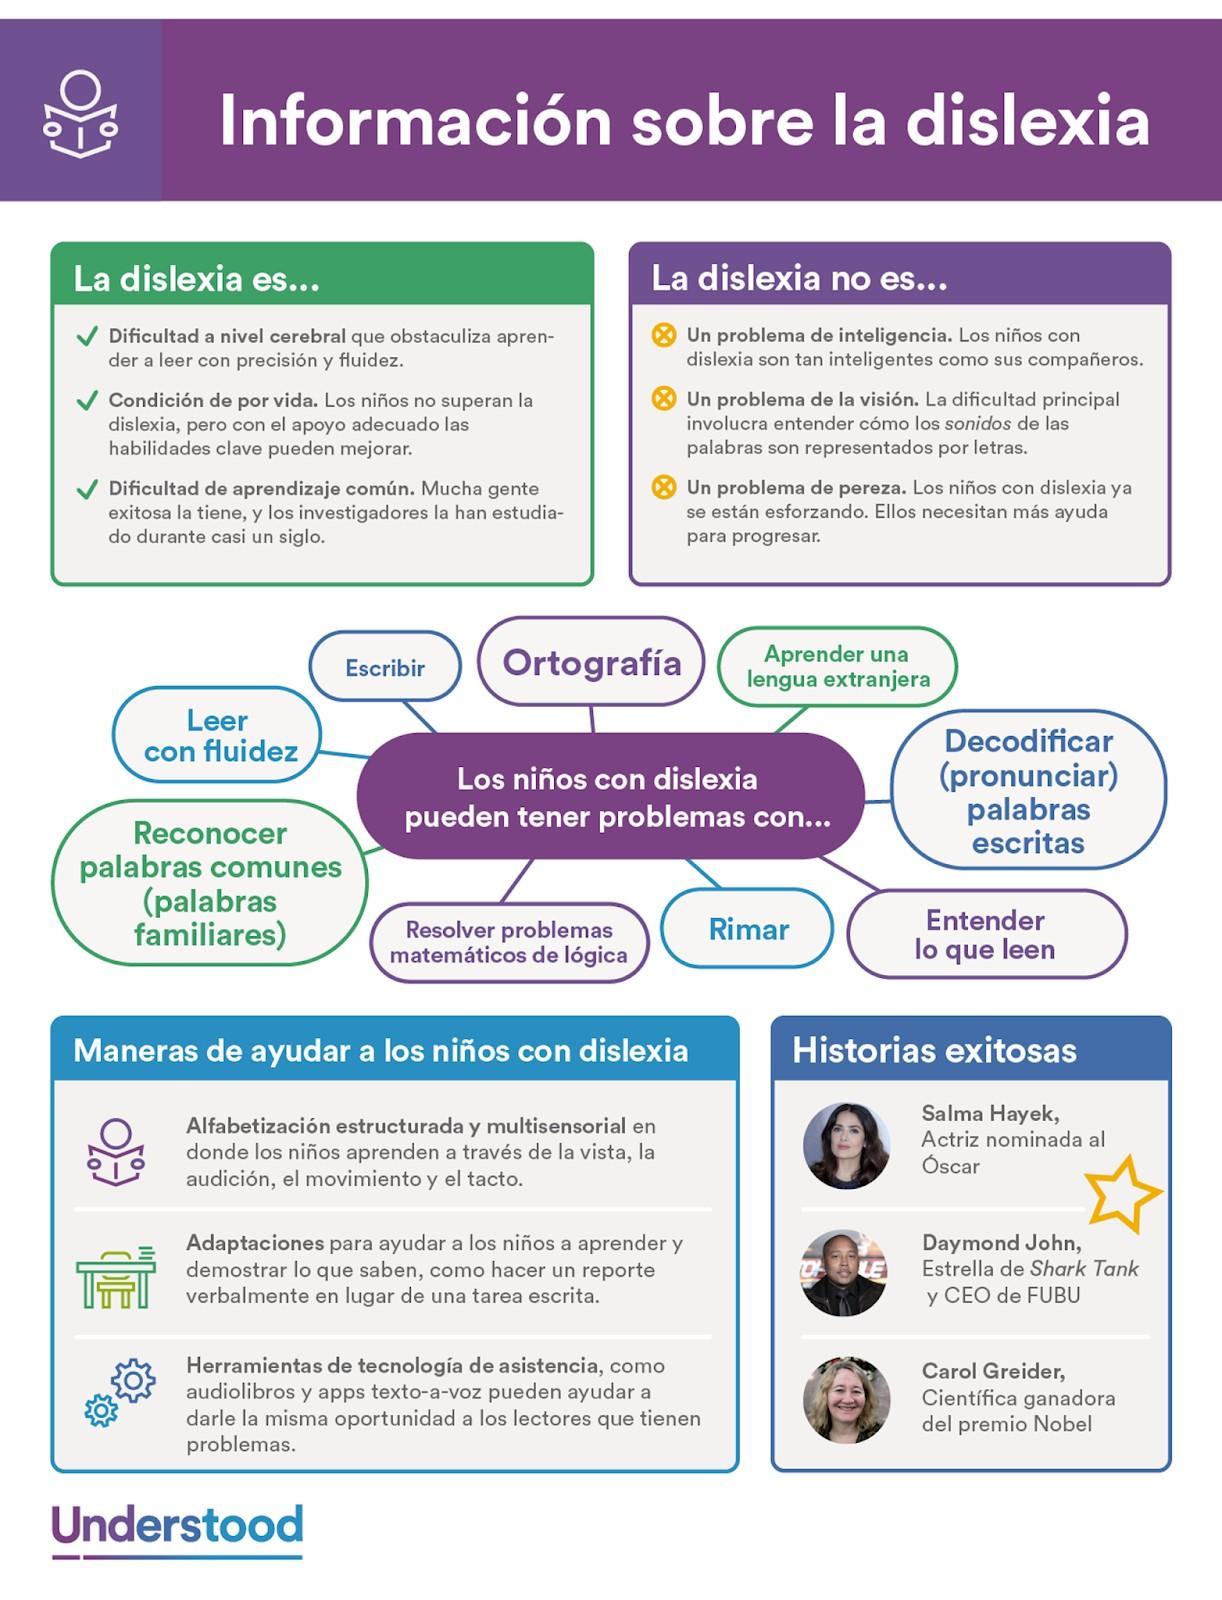 Información sobre la diselxia